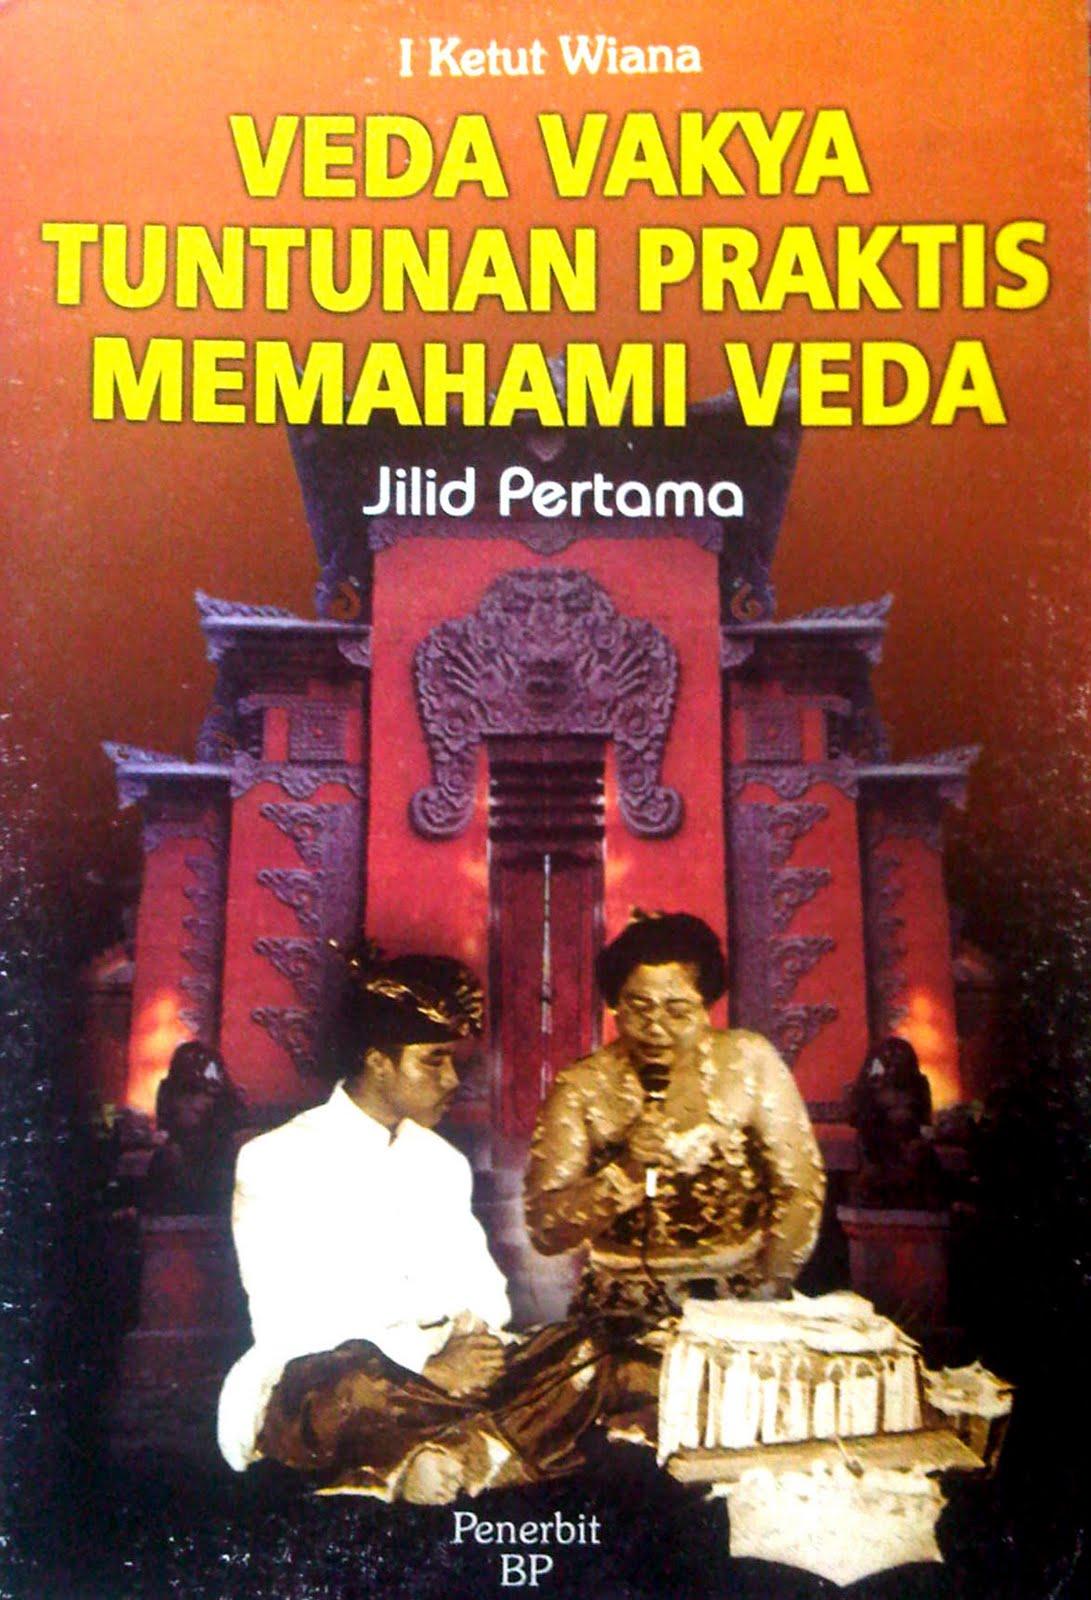 Pusat Buku Bali: Buku Bali